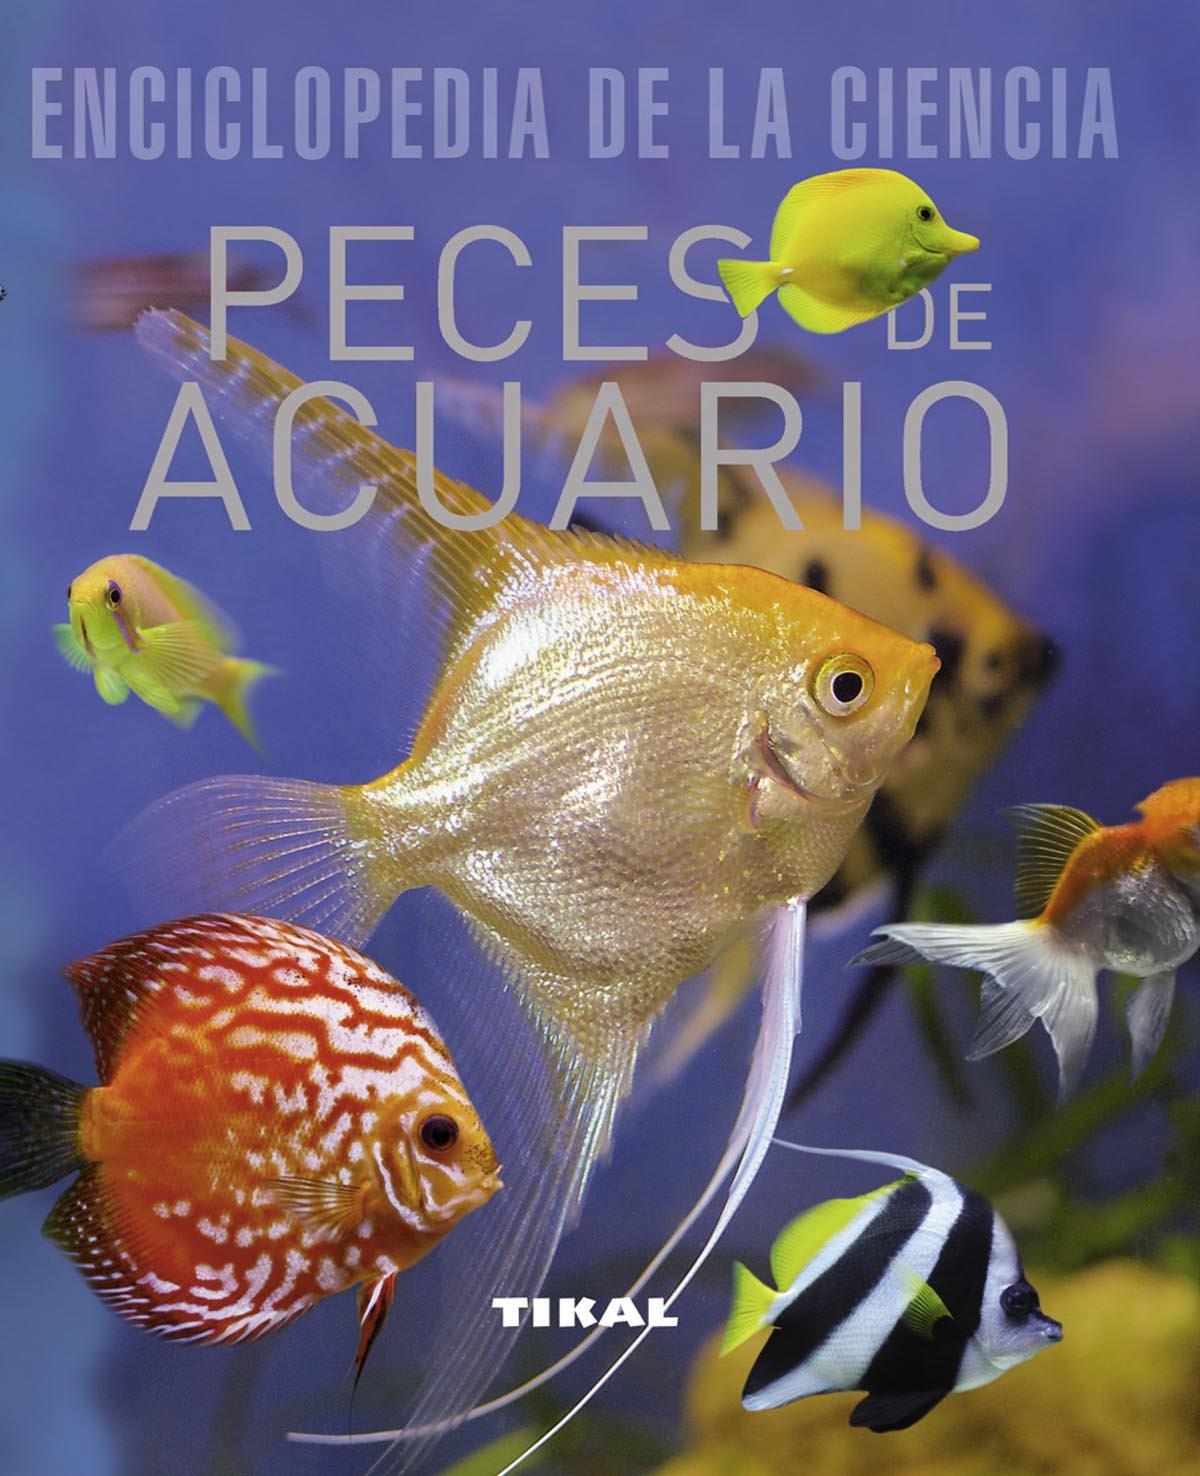 Peces De Acuario (Enciclopedia De La Ciencia): Amazon.es: Tikal Ediciones S A: Libros